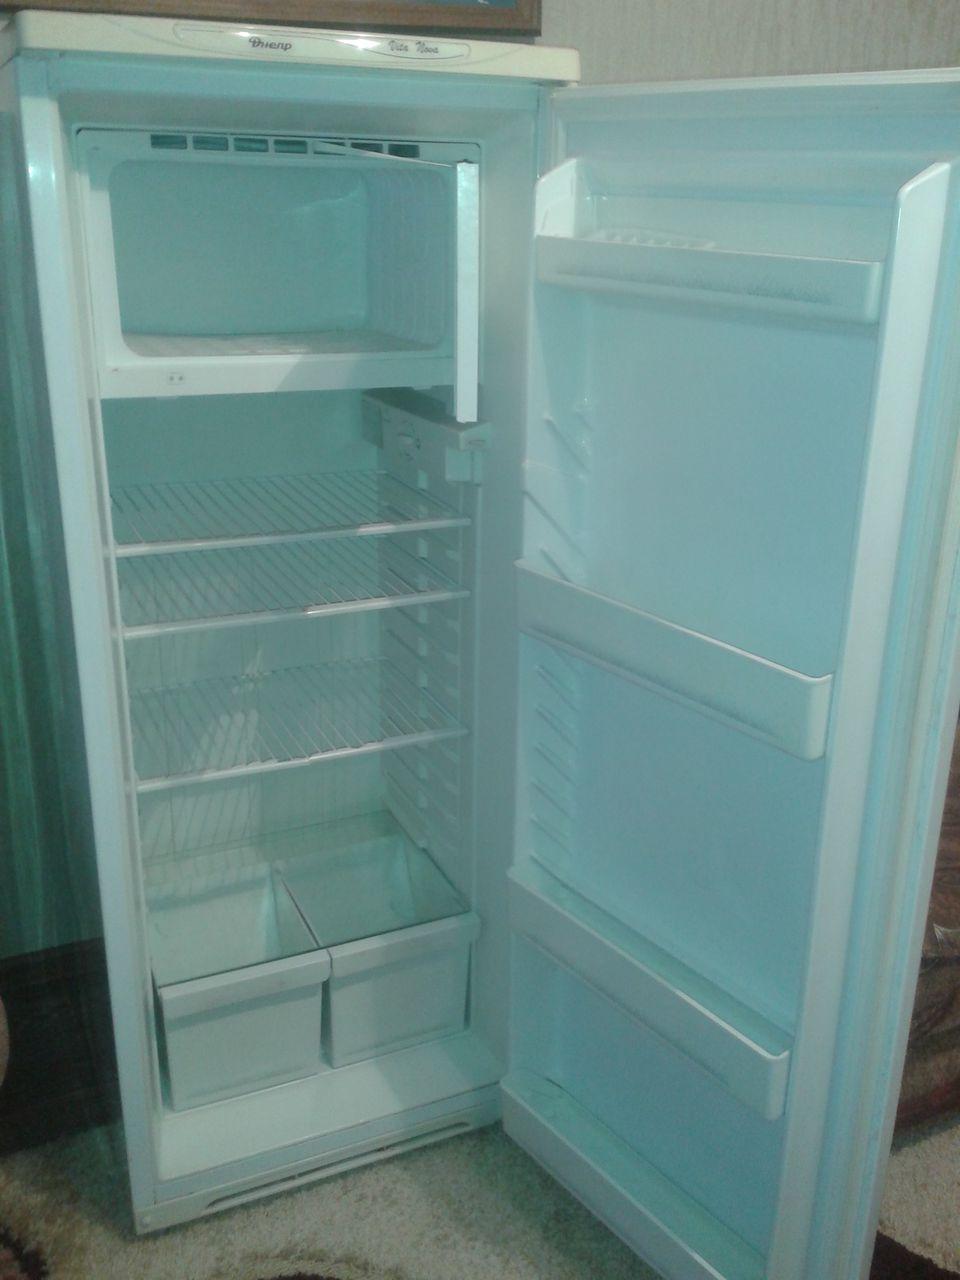 жадеит холодильник днепр фото фотосессия студии или